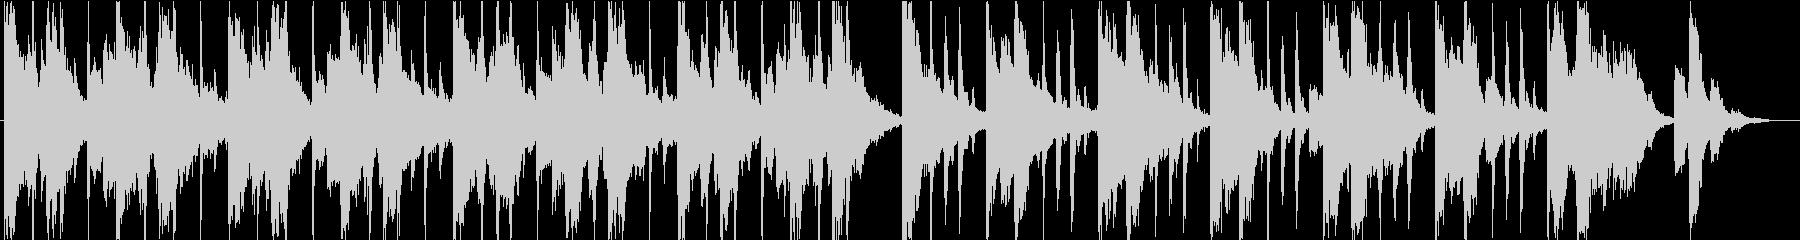 シティポップ/R&B_No460_5の未再生の波形